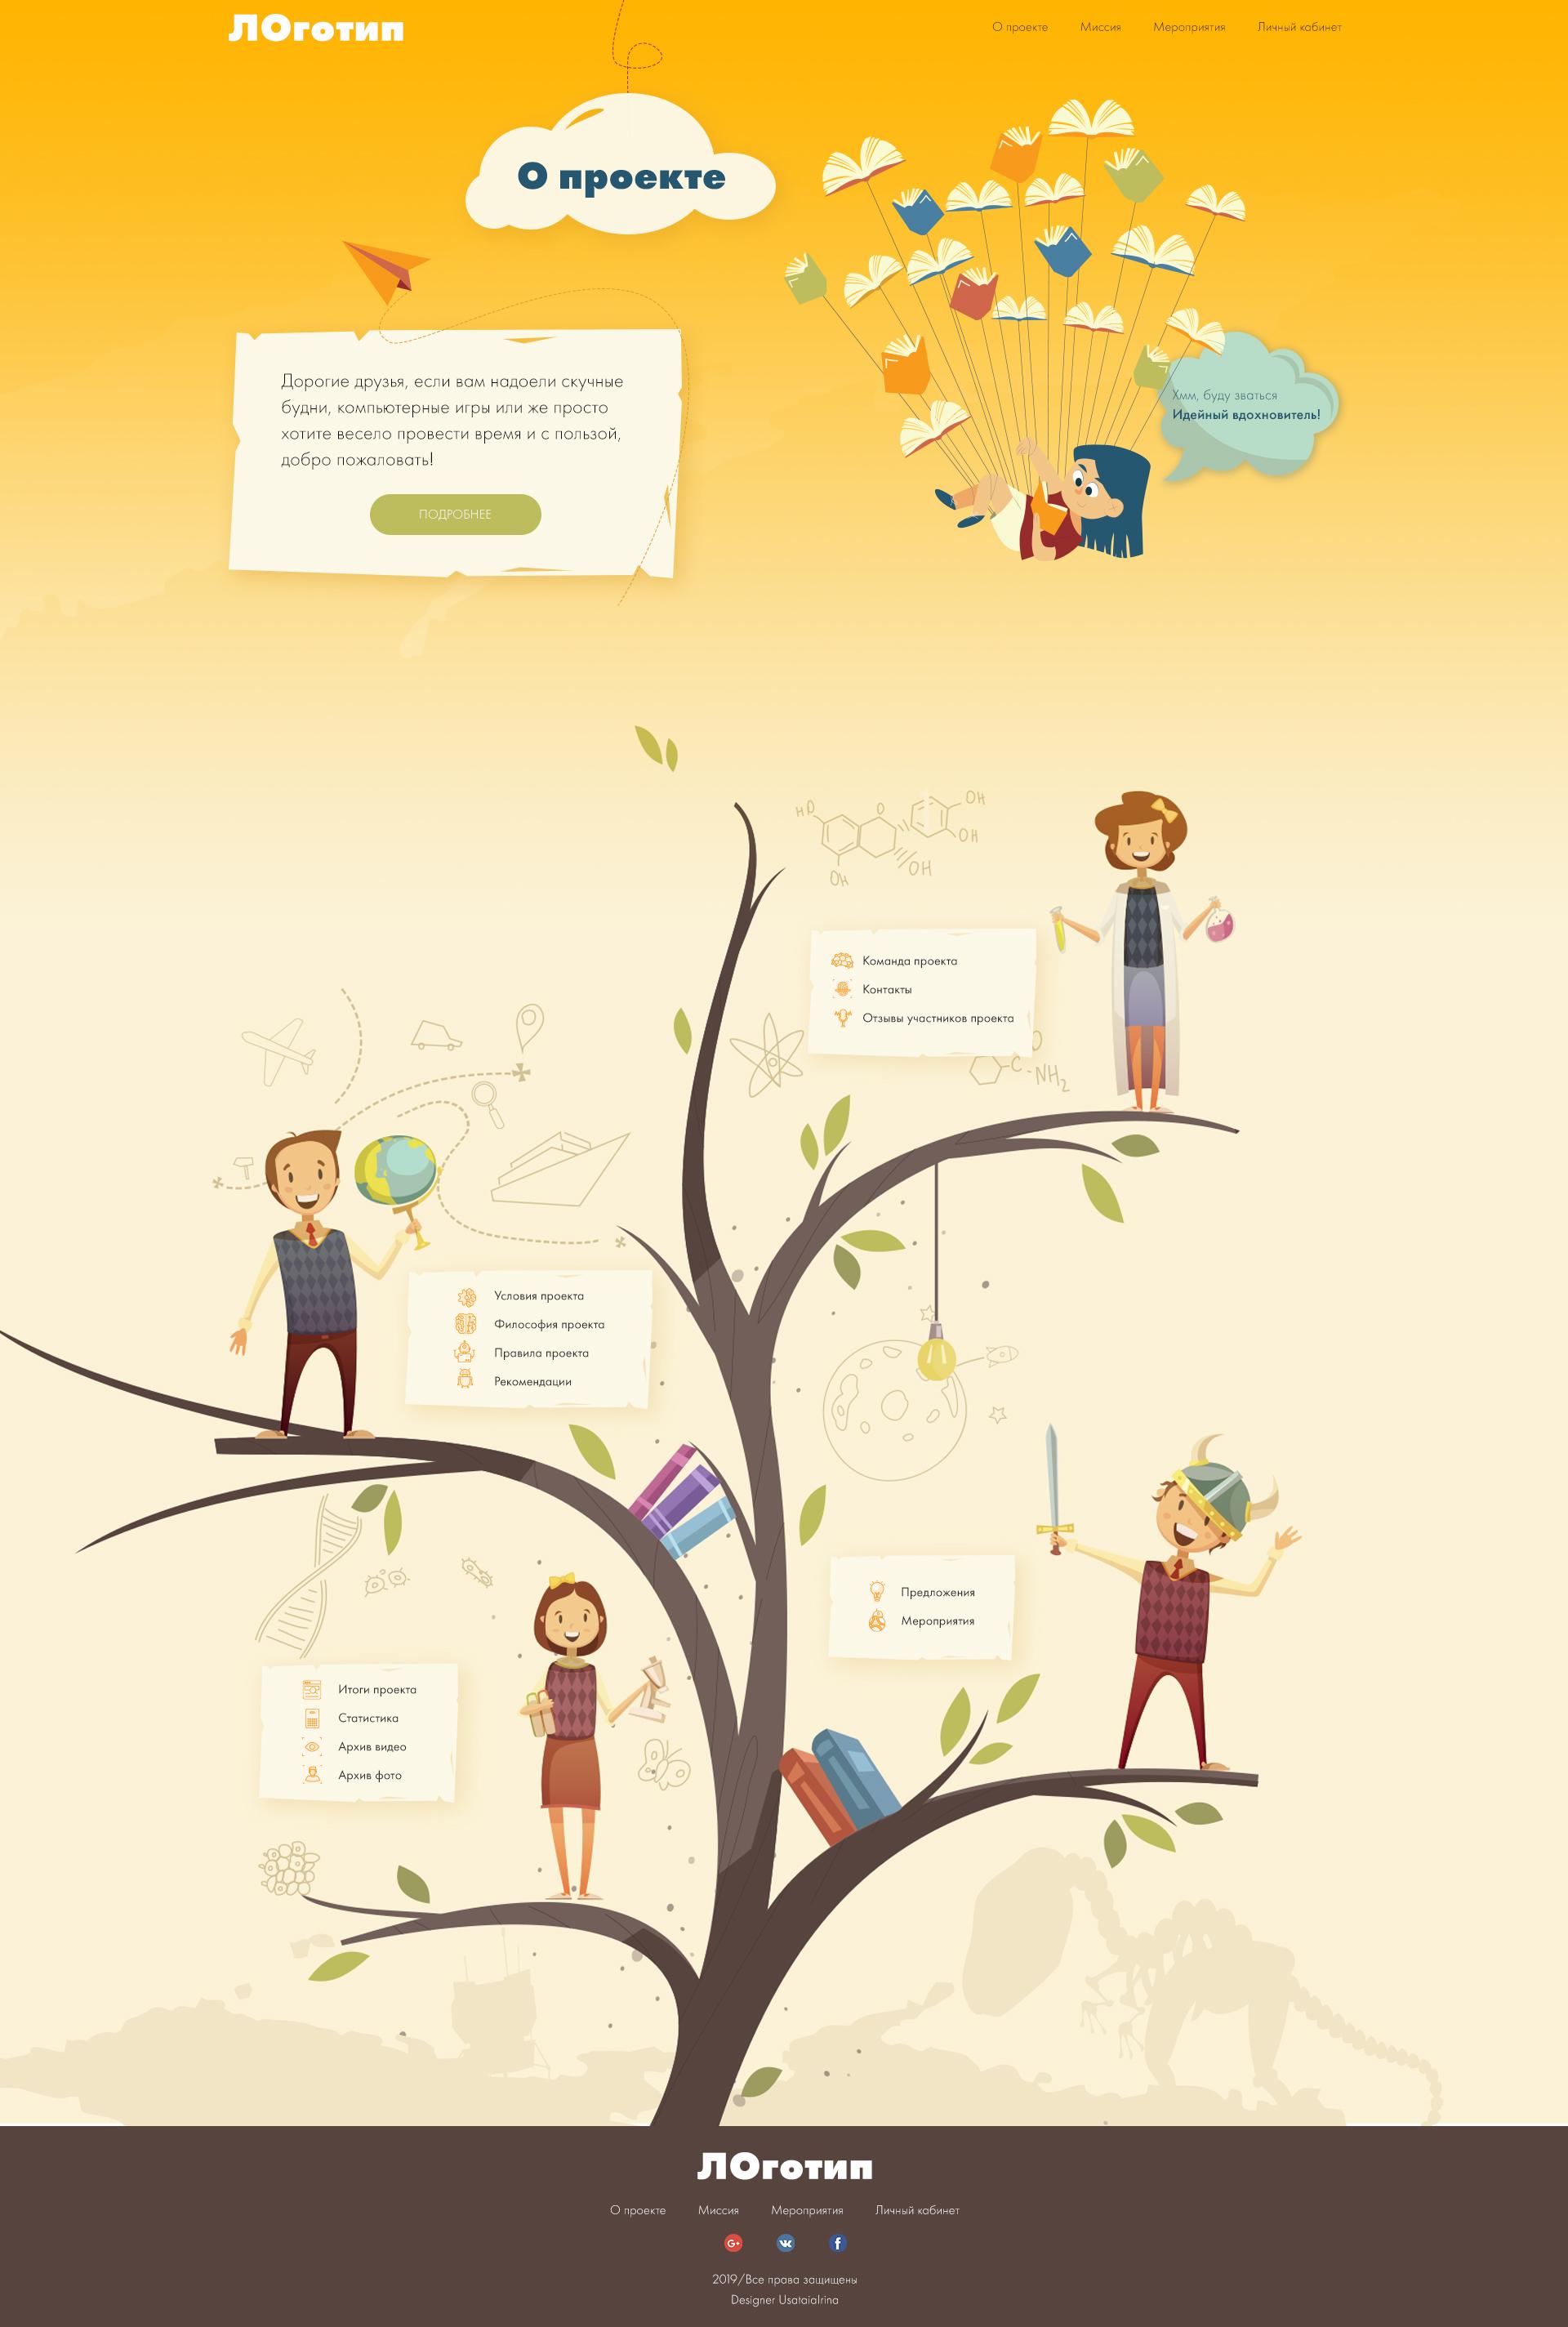 Креативный дизайн внутренней страницы портала для детей фото f_7045cfd8bb0bf236.jpg